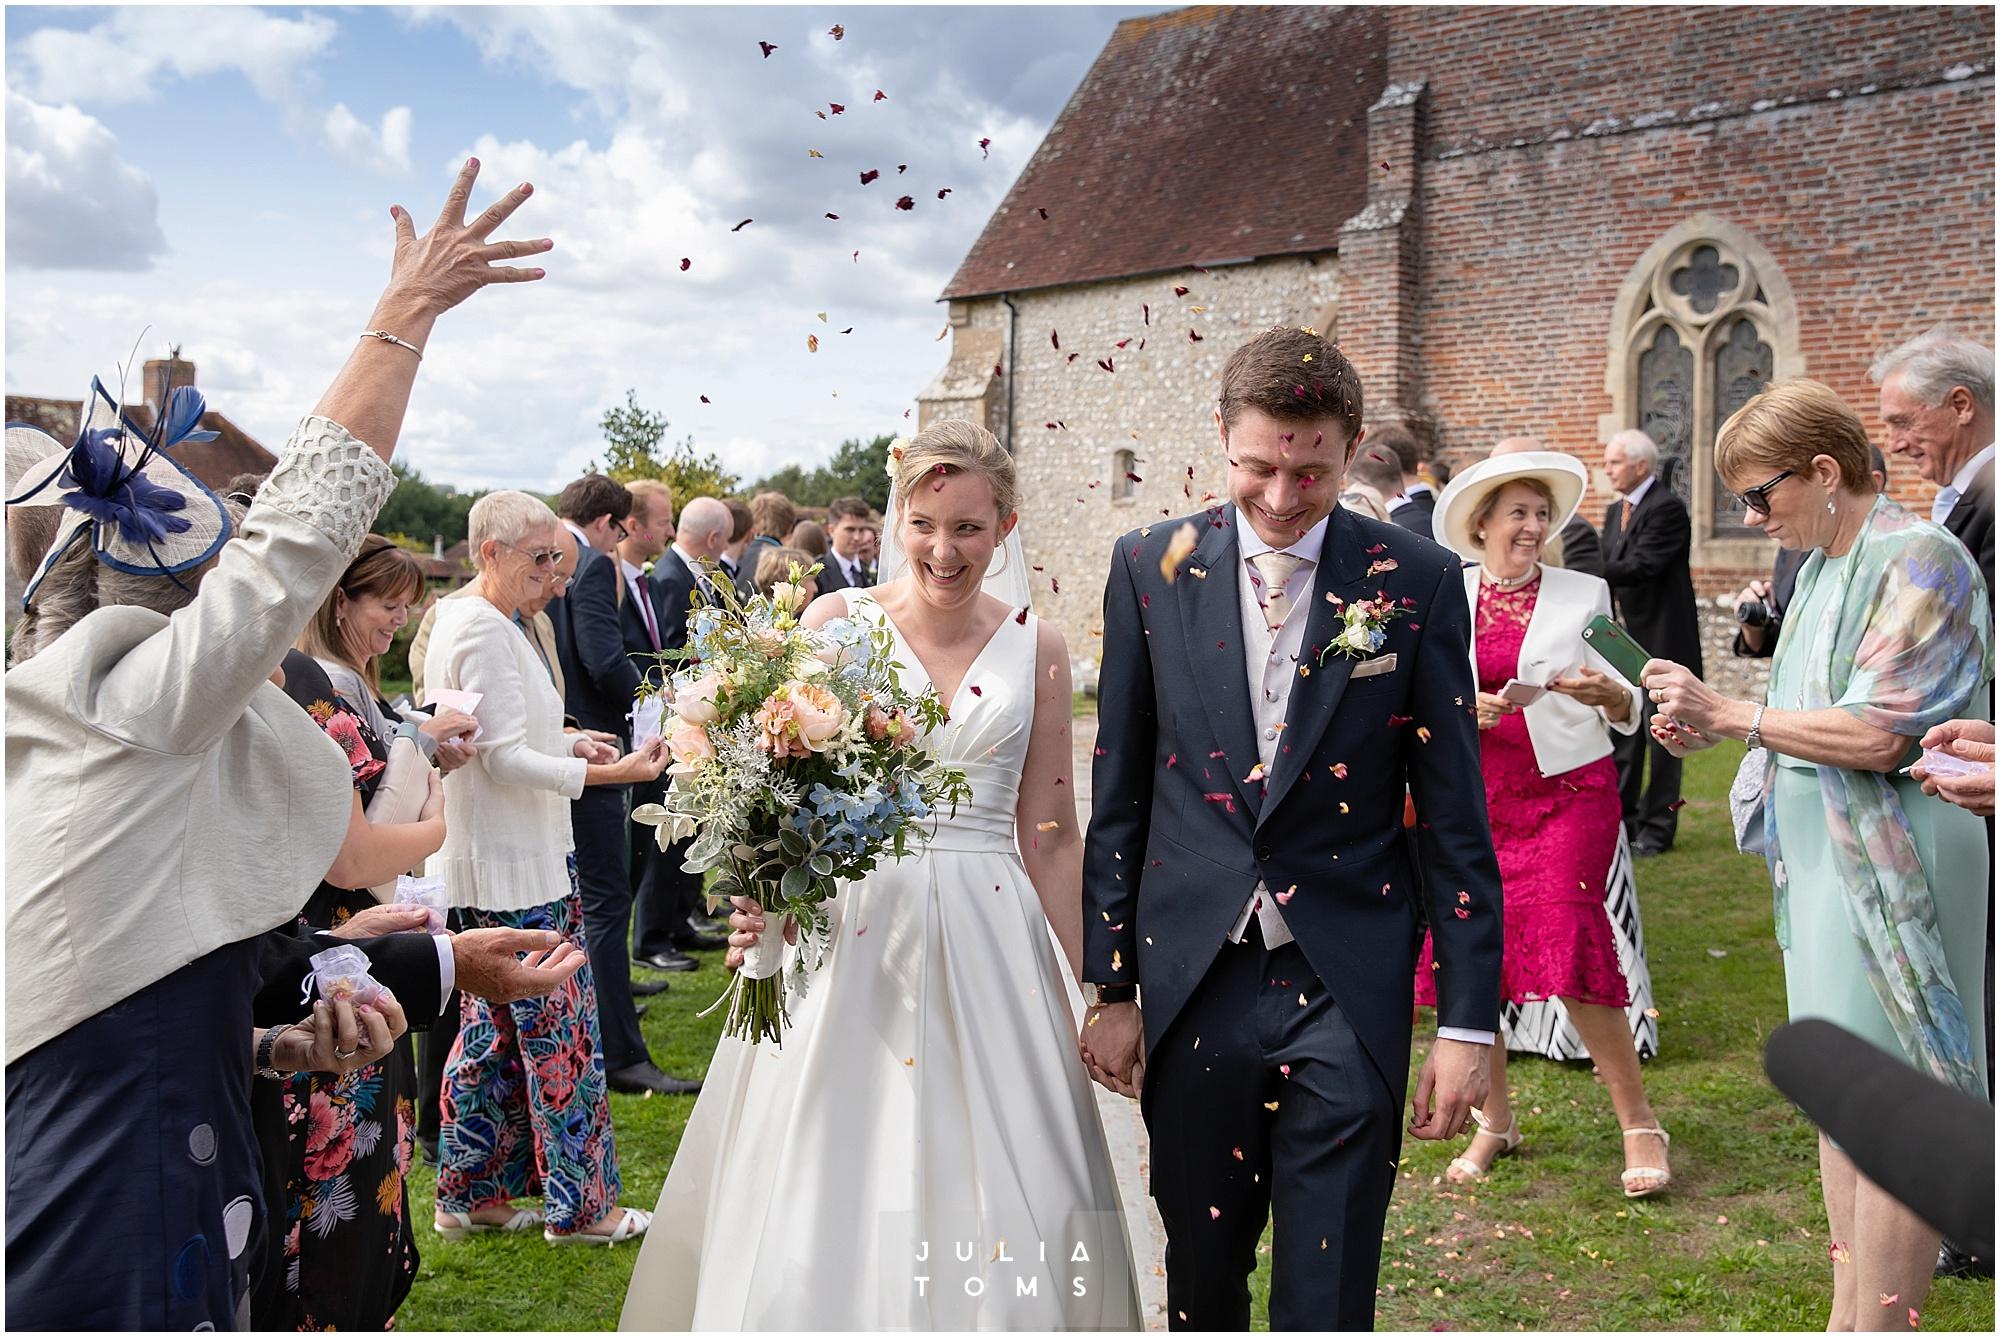 westsussex_wedding_photographer_westdean_069.jpg